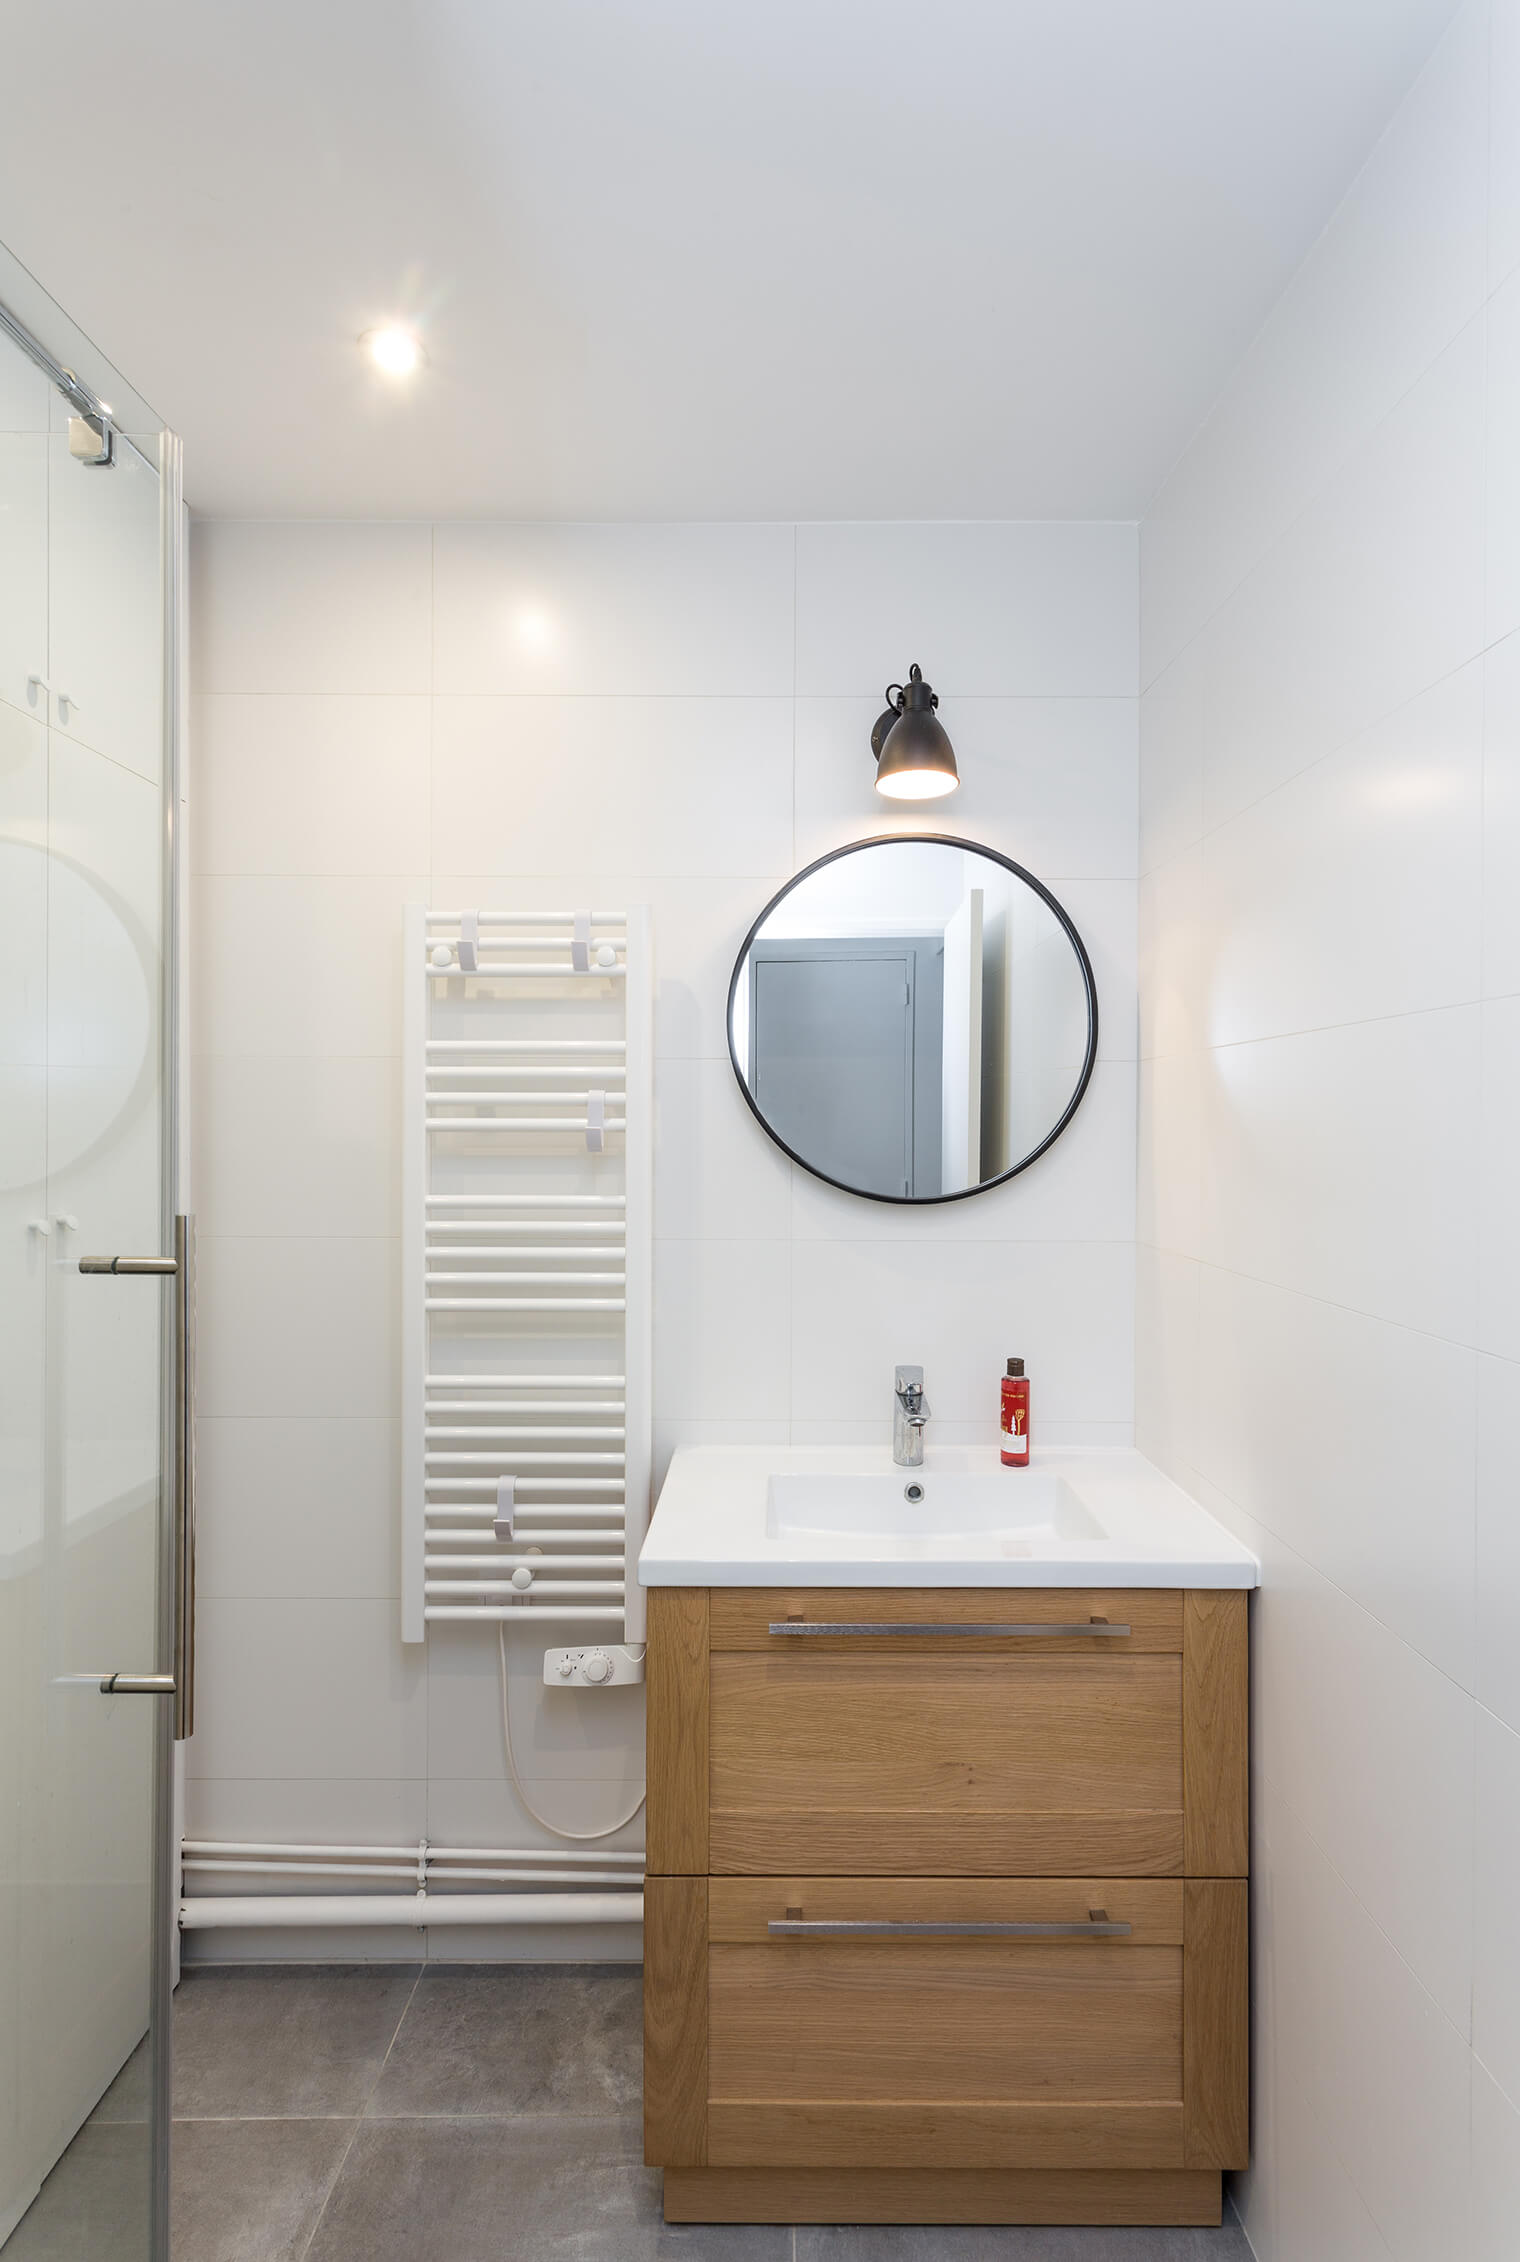 Rénovation petite salle de bain au style épuré